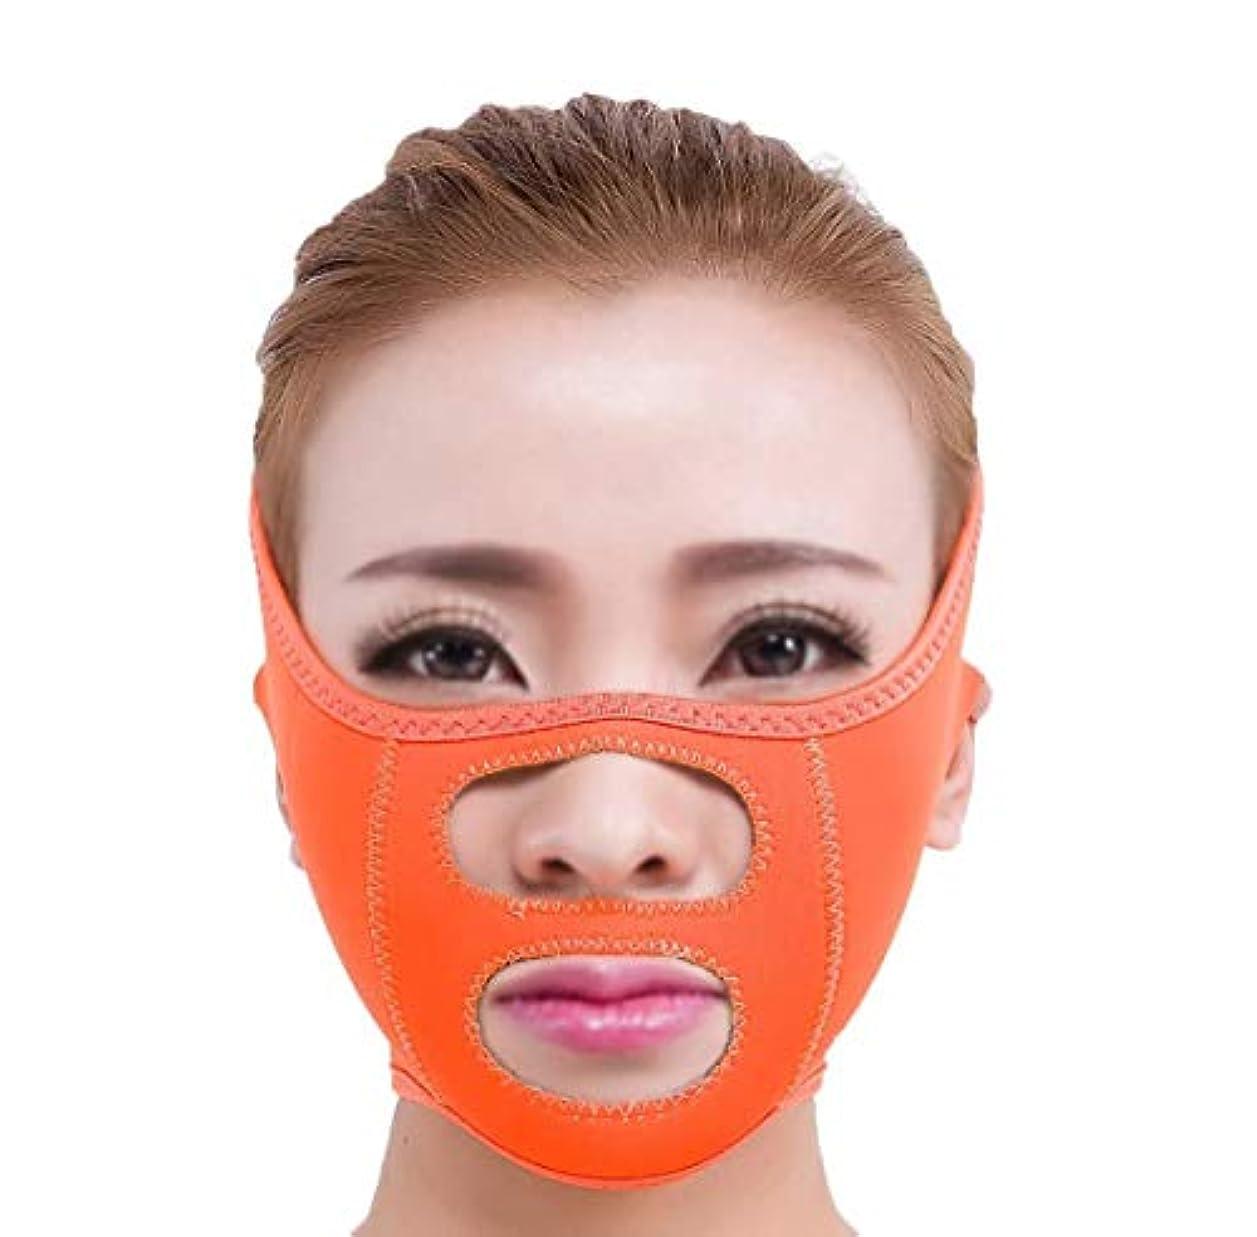 はっきりしないクラウン買うスリミングベルト、フェイシャルマスク薄い顔マスク睡眠薄い顔マスク薄い顔包帯薄い顔アーティファクト薄い顔顔リフティング薄い顔小さなV顔睡眠薄い顔ベルト